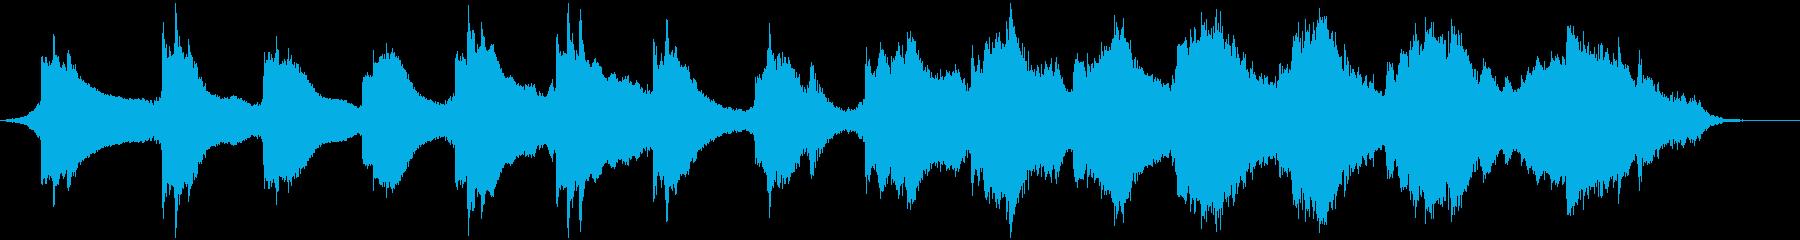 場面転換で使えそうなアンビエント曲の再生済みの波形